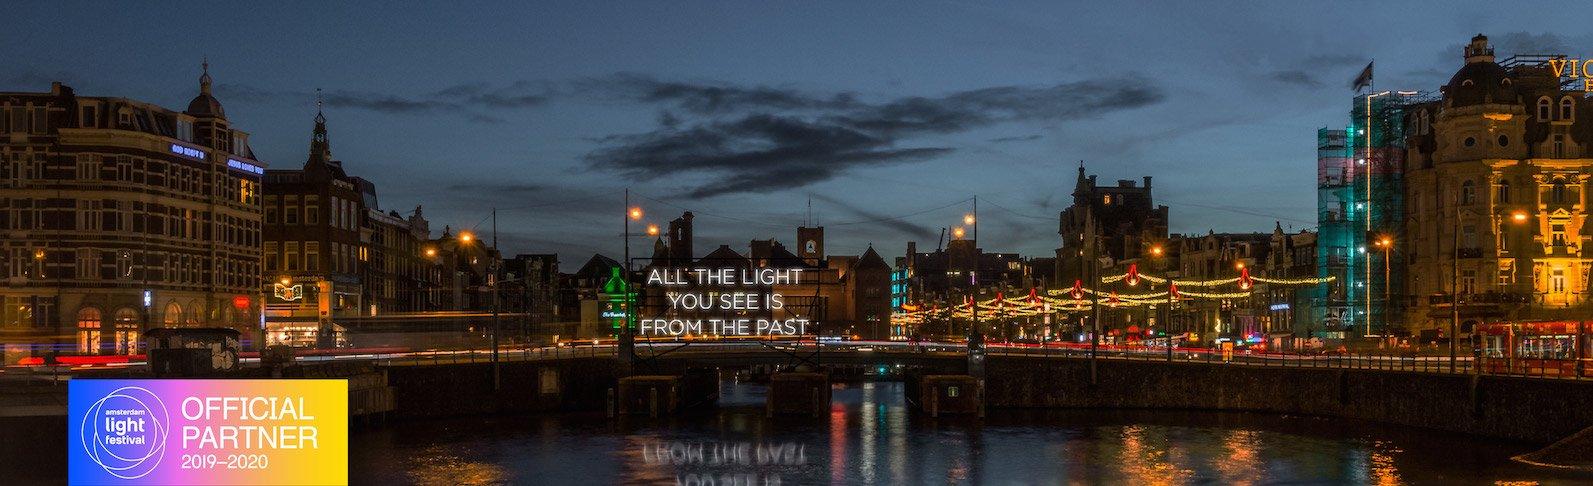 Amsterdam light festival 2019-2020